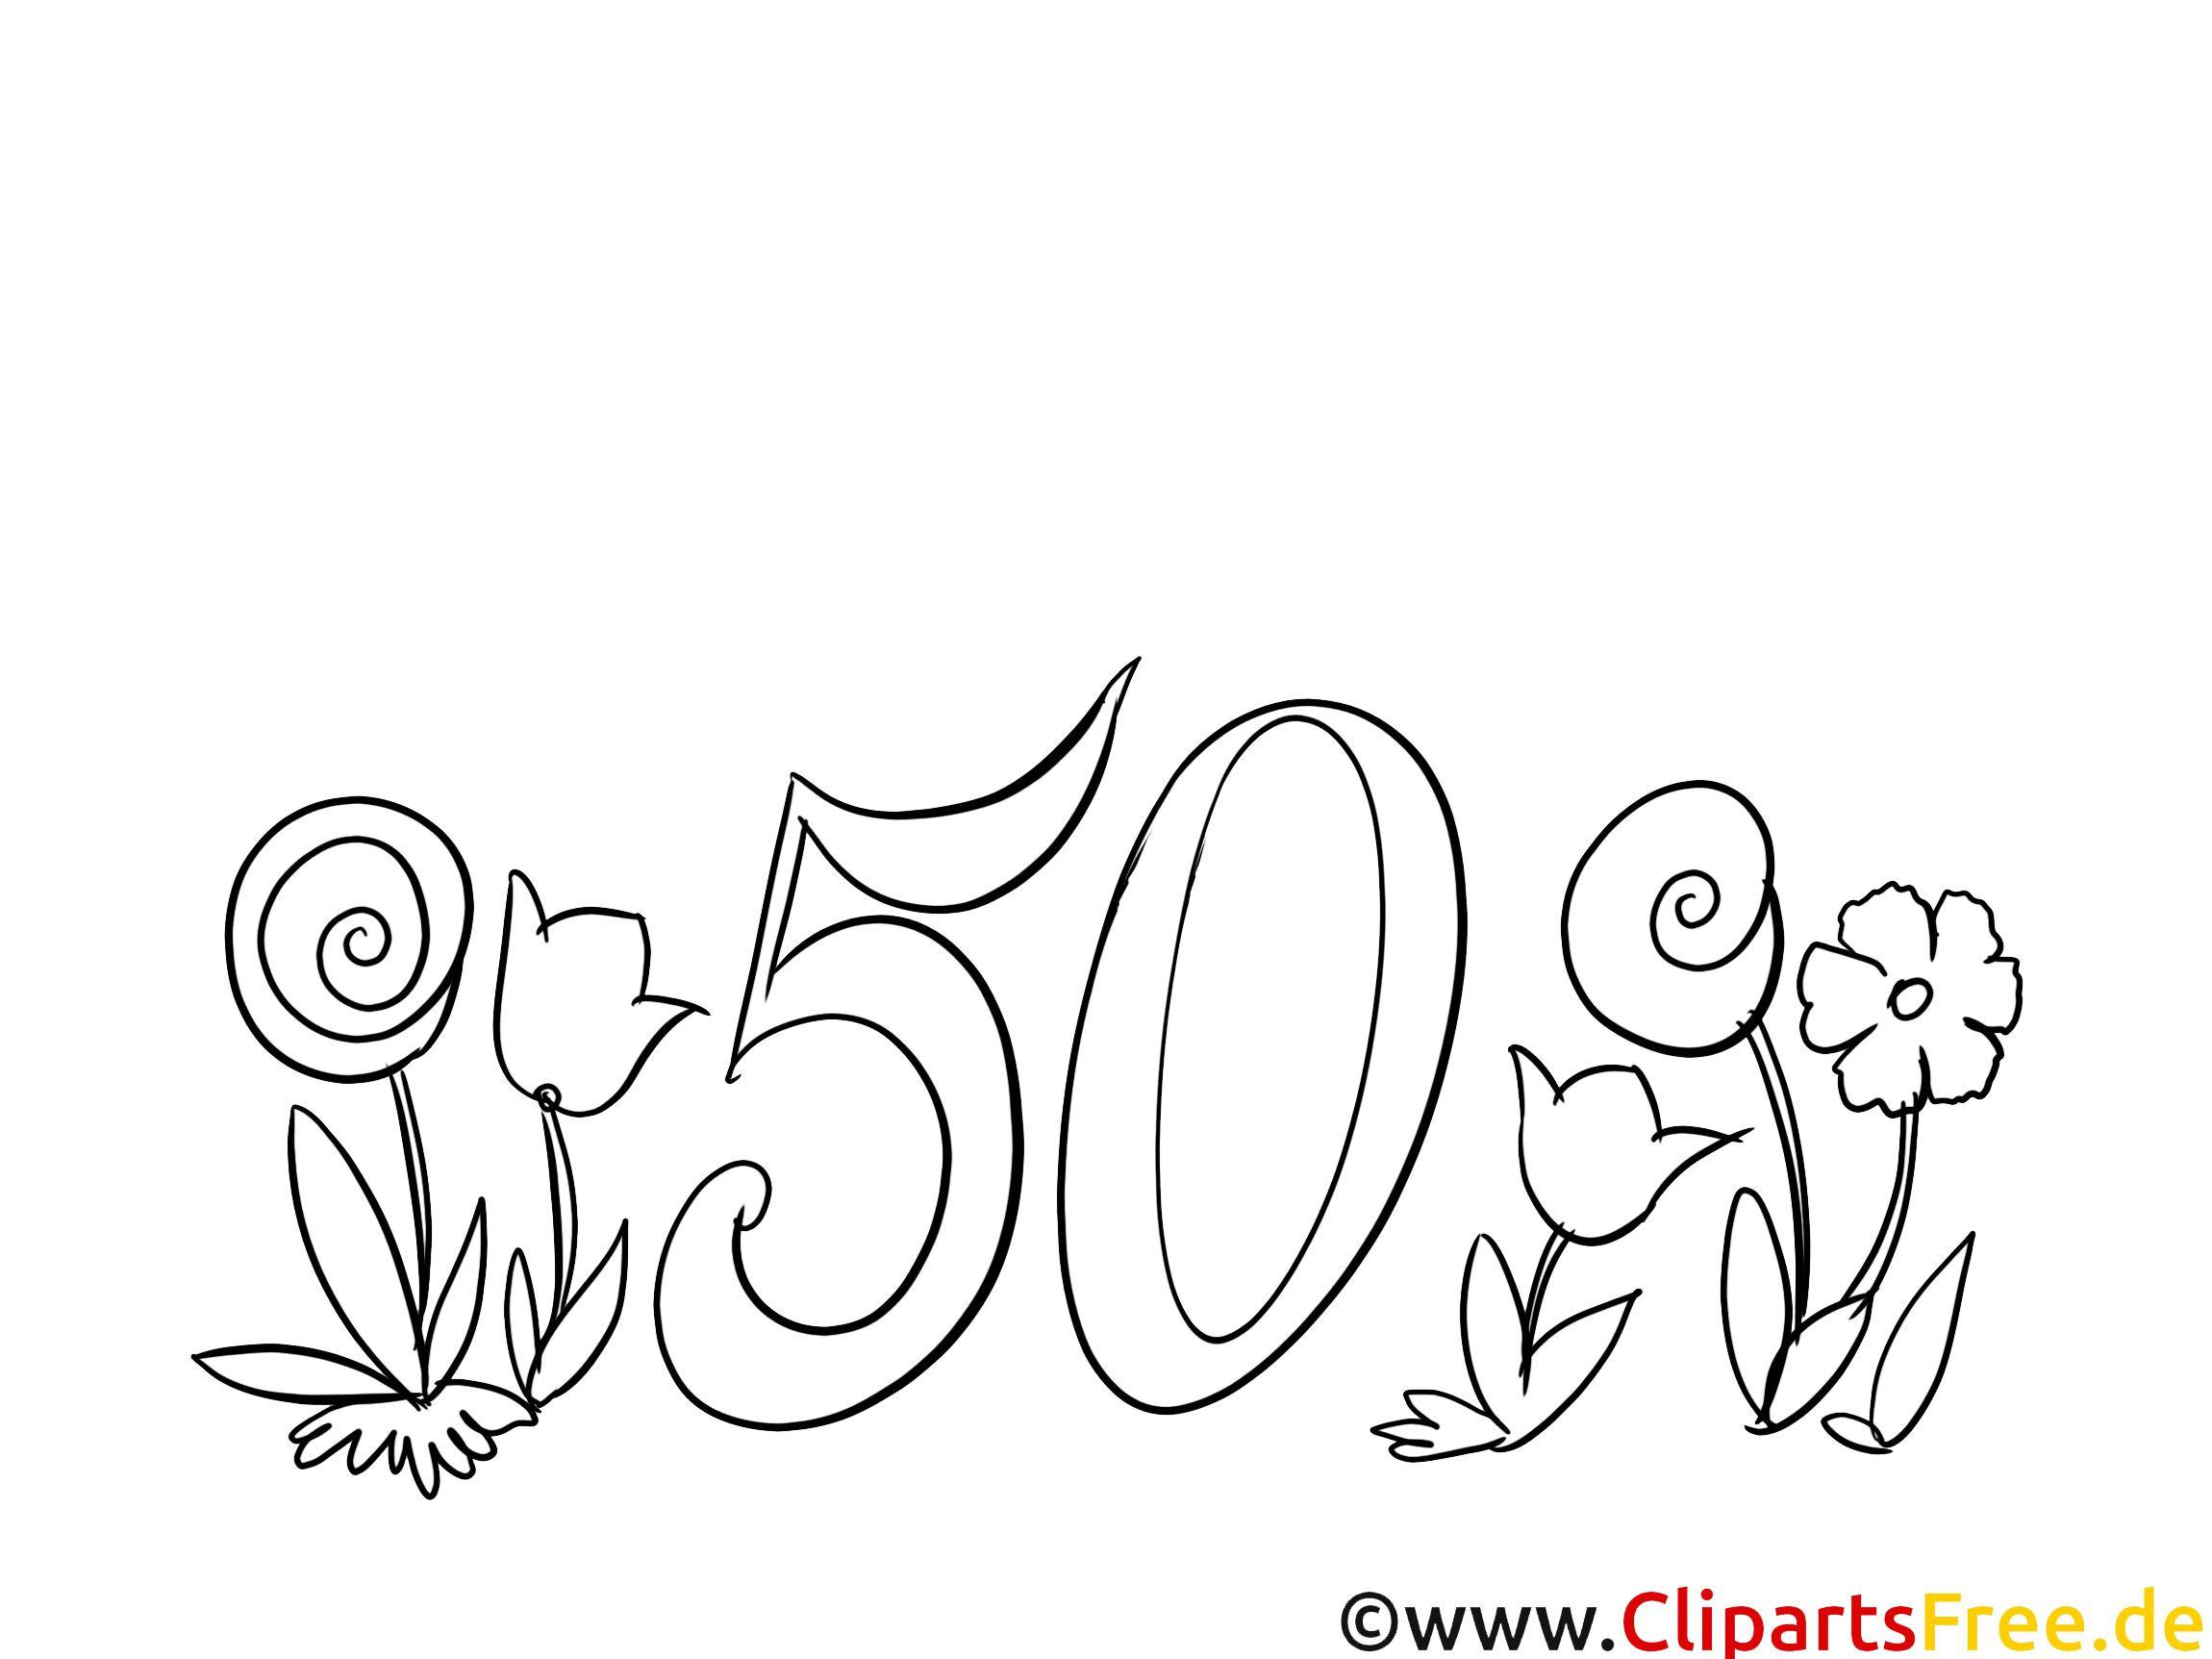 Geburtstagswünsche 50 Frau  Einladungskarten 50 Geburtstag Frau